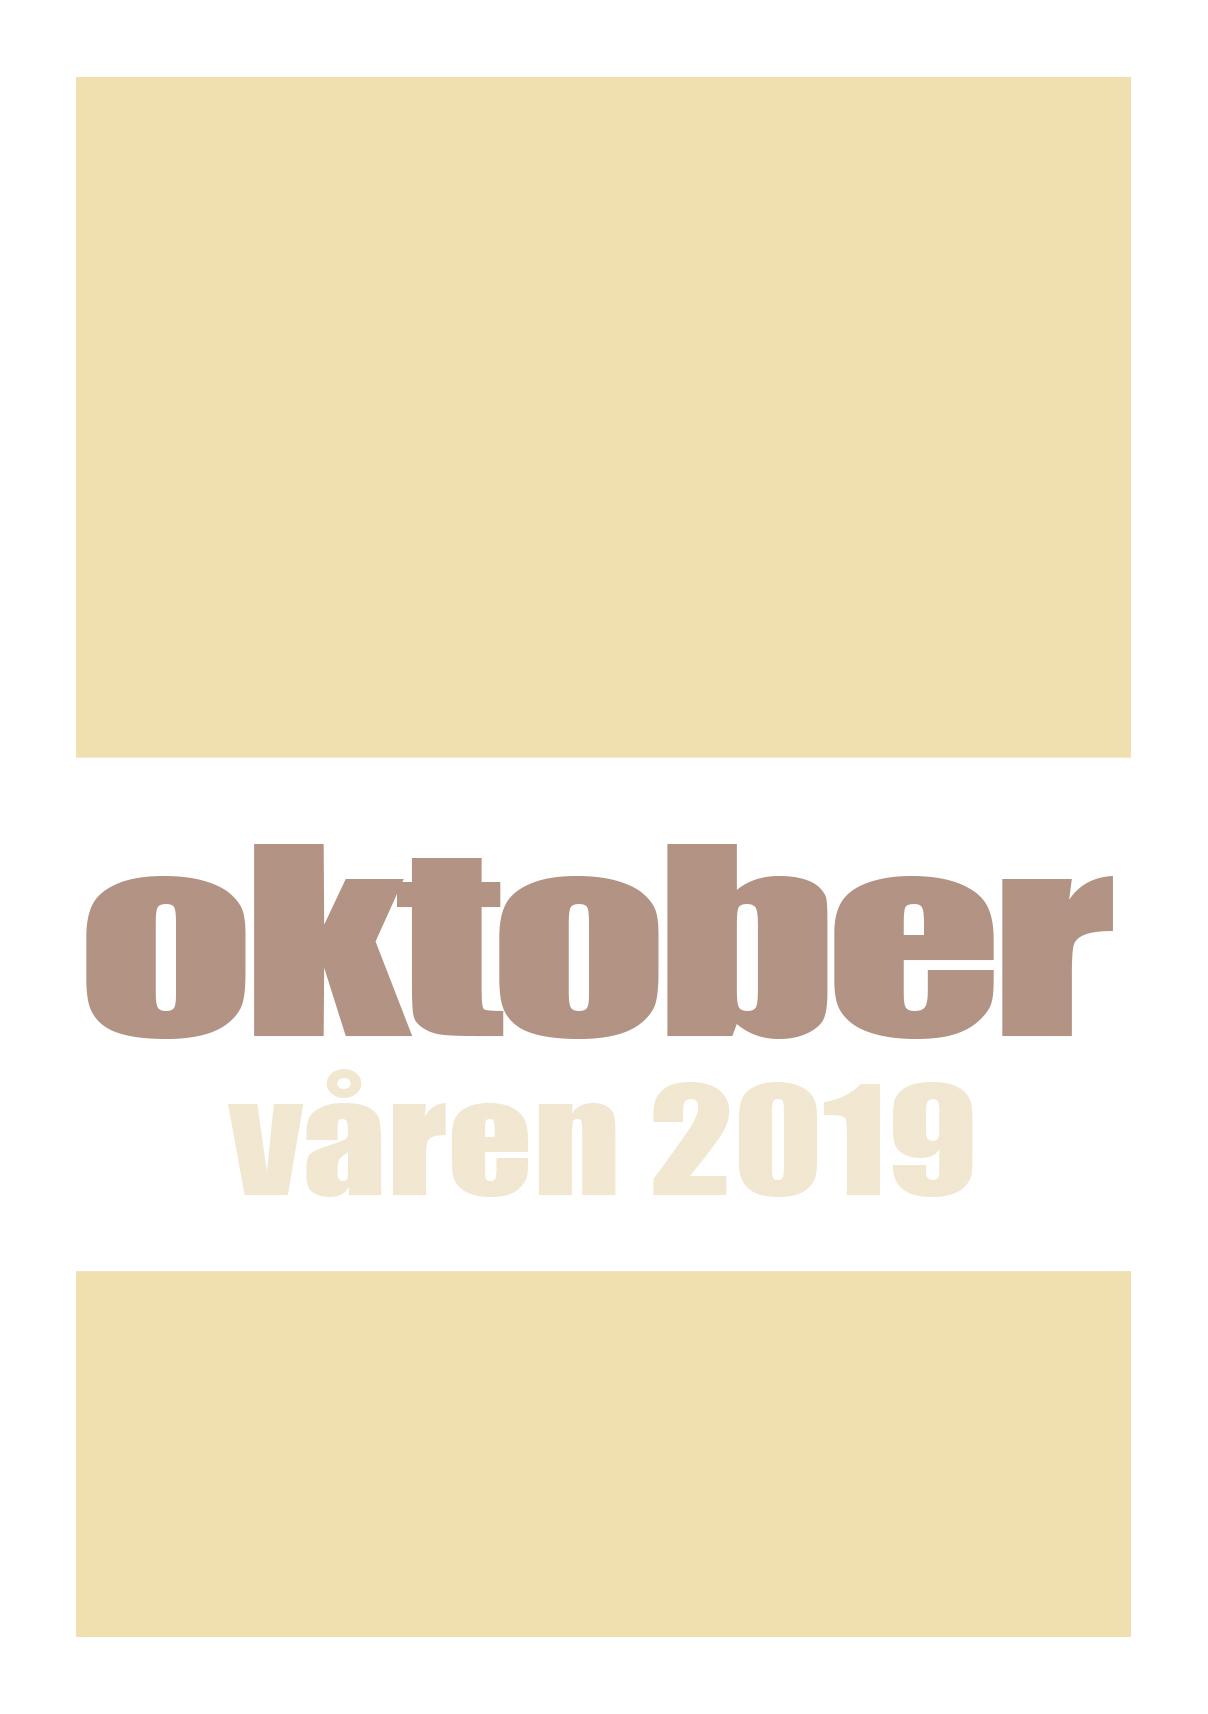 Katalog over oktobers bøker våren 2019